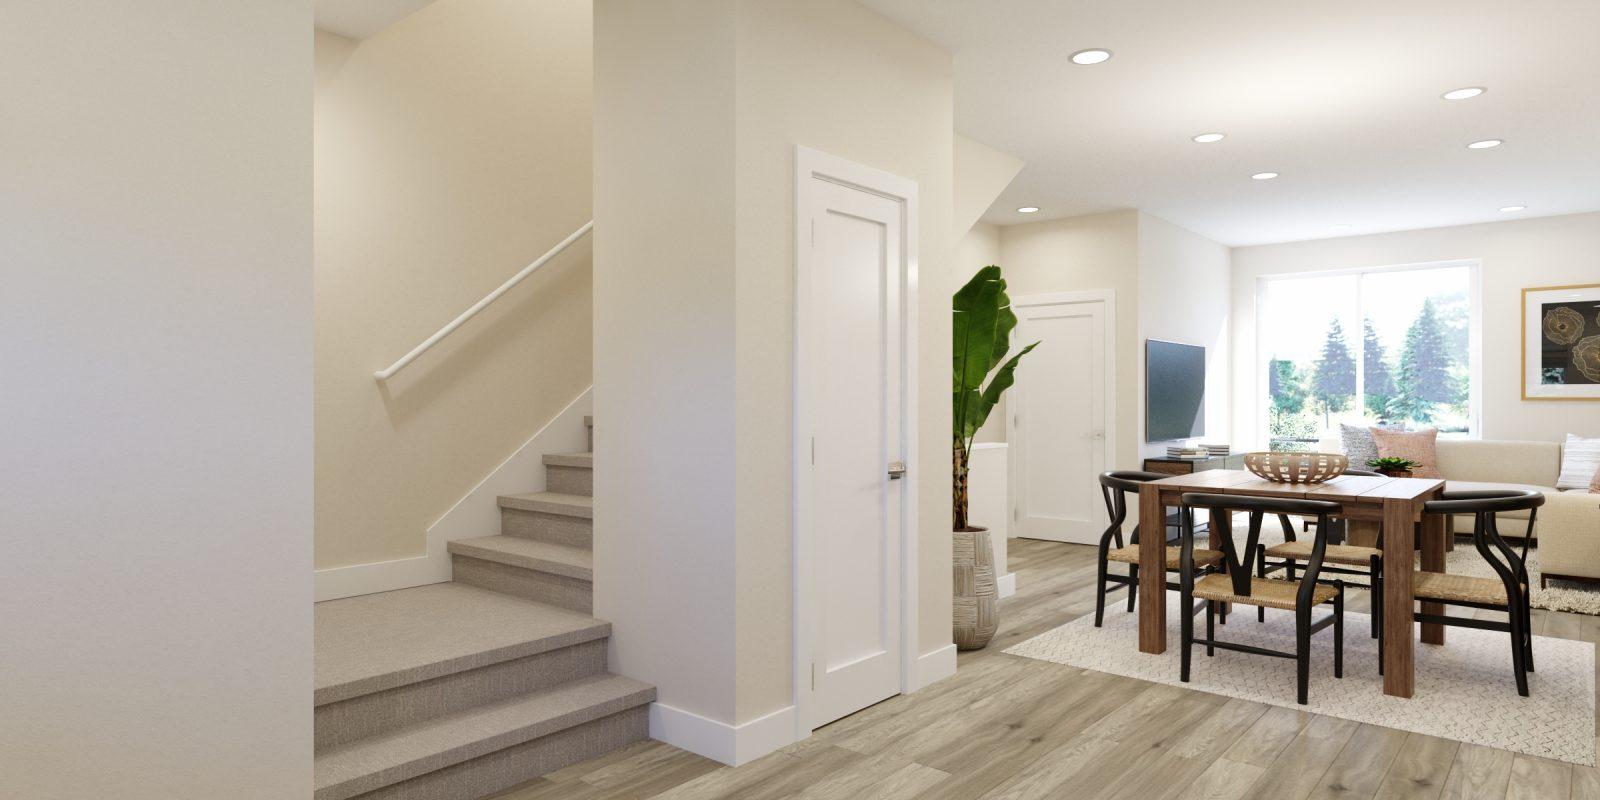 WestRidge DoMore Rows: Escape - Open Floor Plan